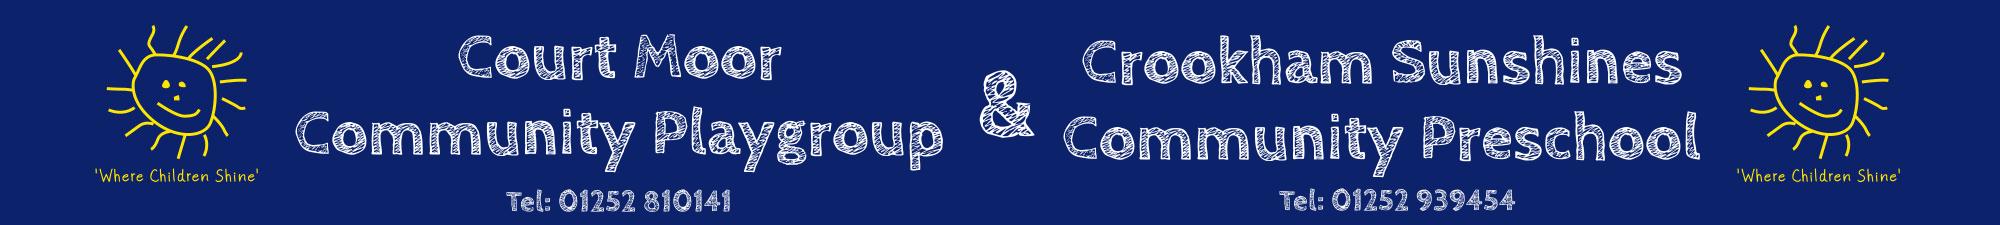 Courtmoor Playgroup Logo